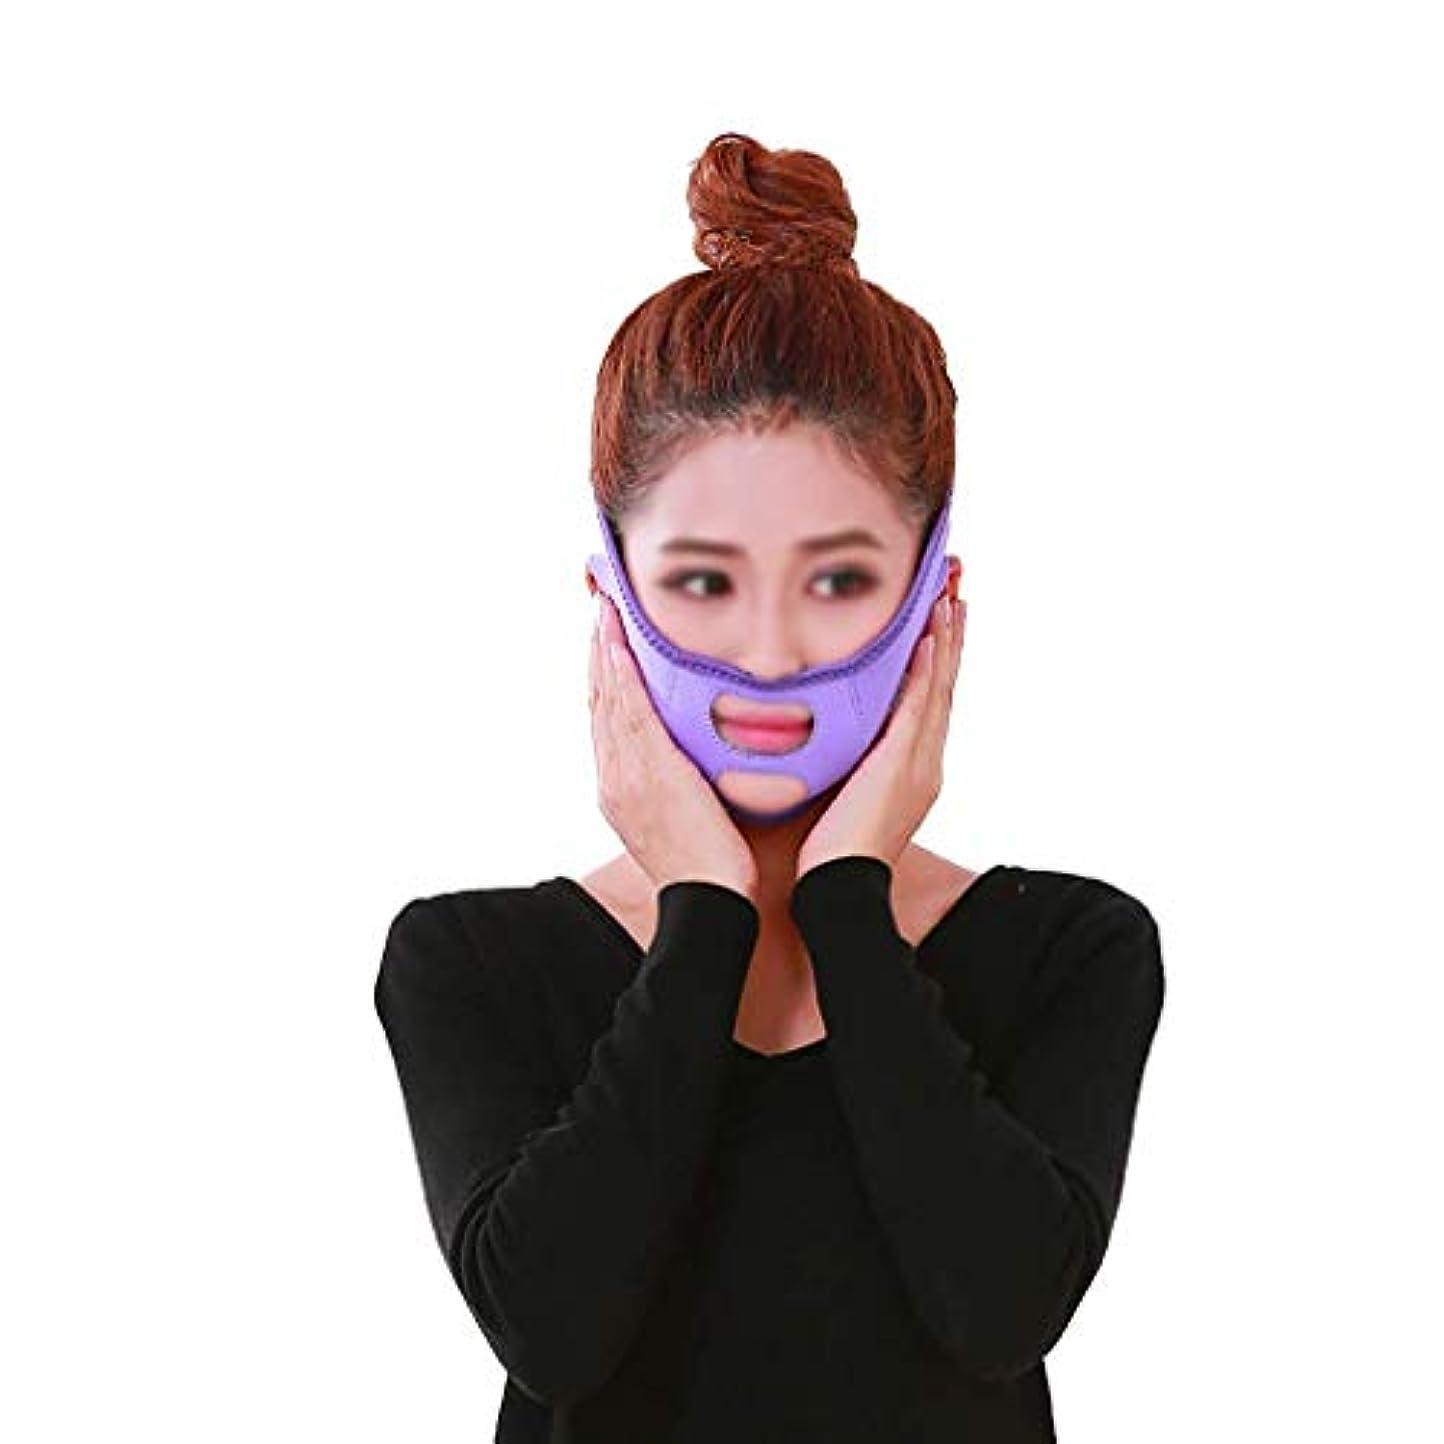 焦げ移民別にフェイスリフトフェイシャル、肌のリラクゼーションを防ぐタイトなVフェイスマスクVフェイスアーティファクトフェイスリフトバンデージフェイスケア(色:紫)